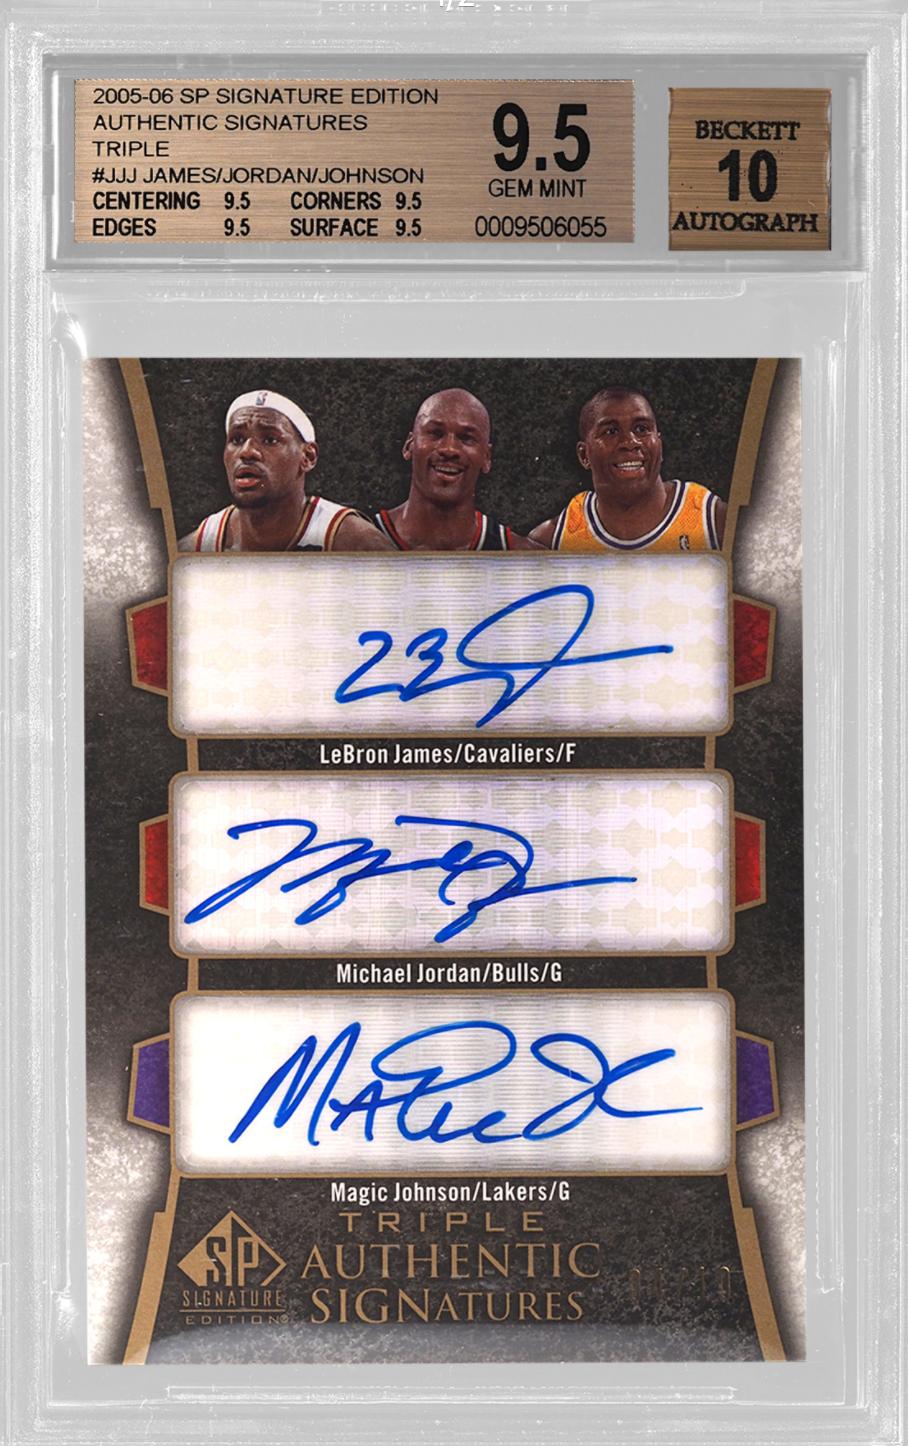 2005-06 Triple Authentic Signatures Jordan/Magic/LeBron (BGS 9.5)